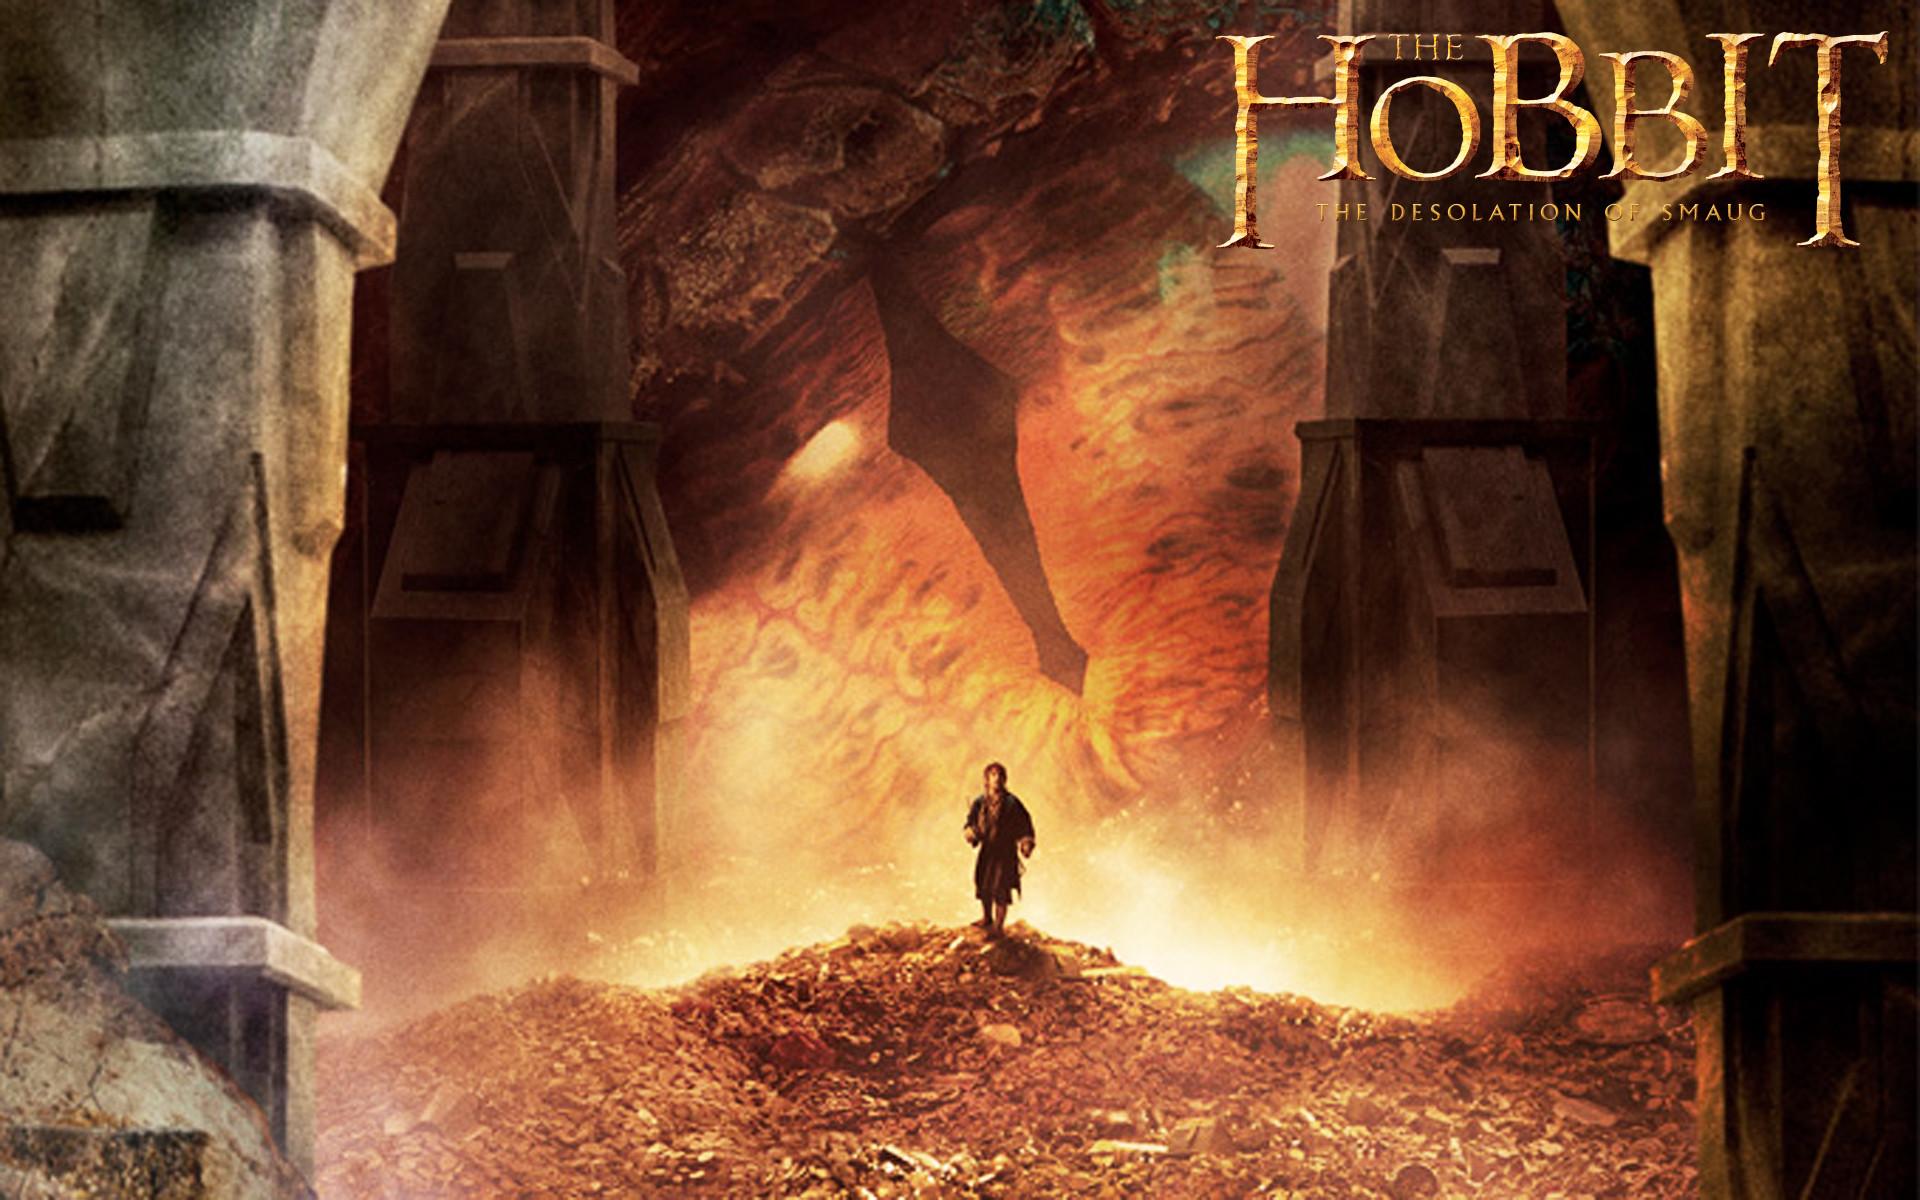 Der Hobbit Hd